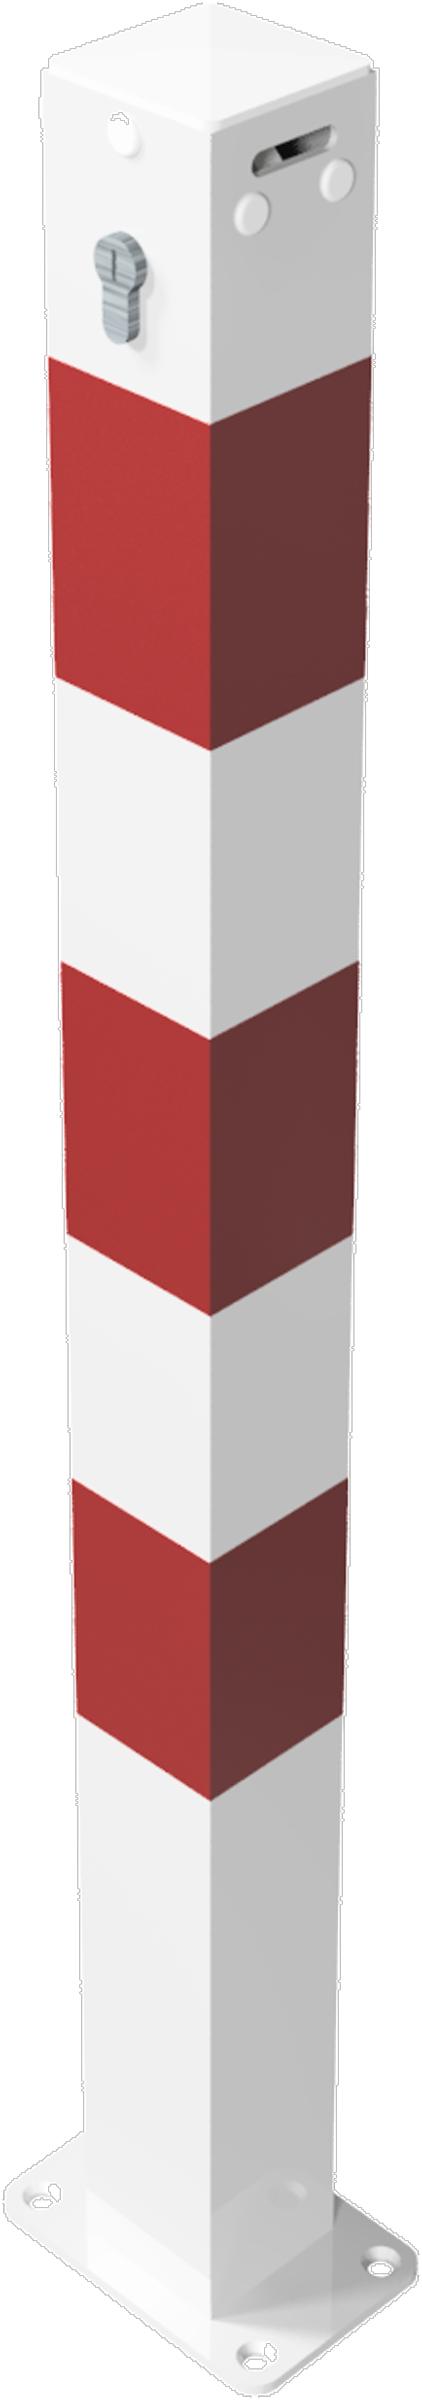 Schake Absperrkettenpfosten Stahl 70 x 70 mm weiß | rot